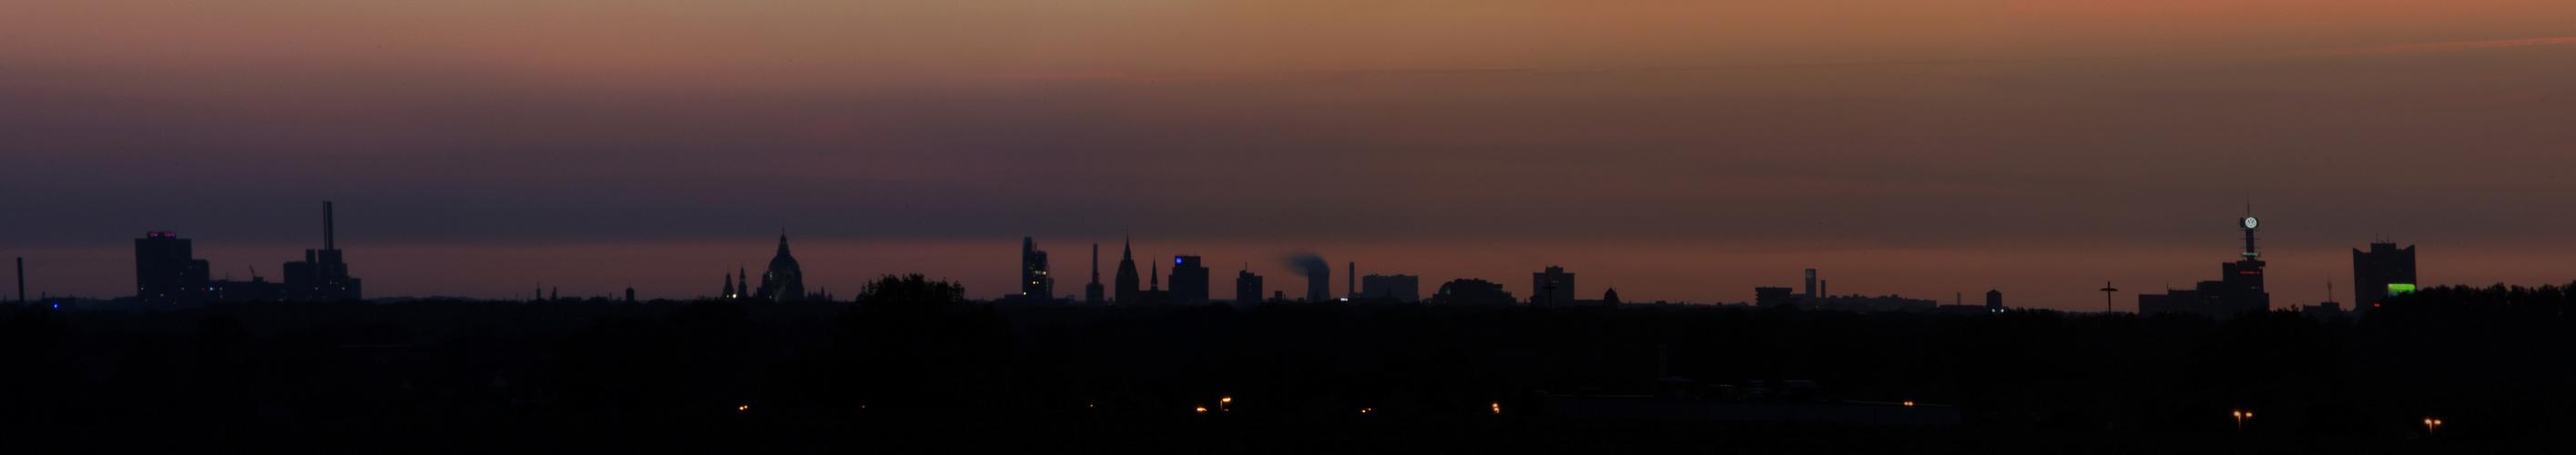 Skyline von Hannover